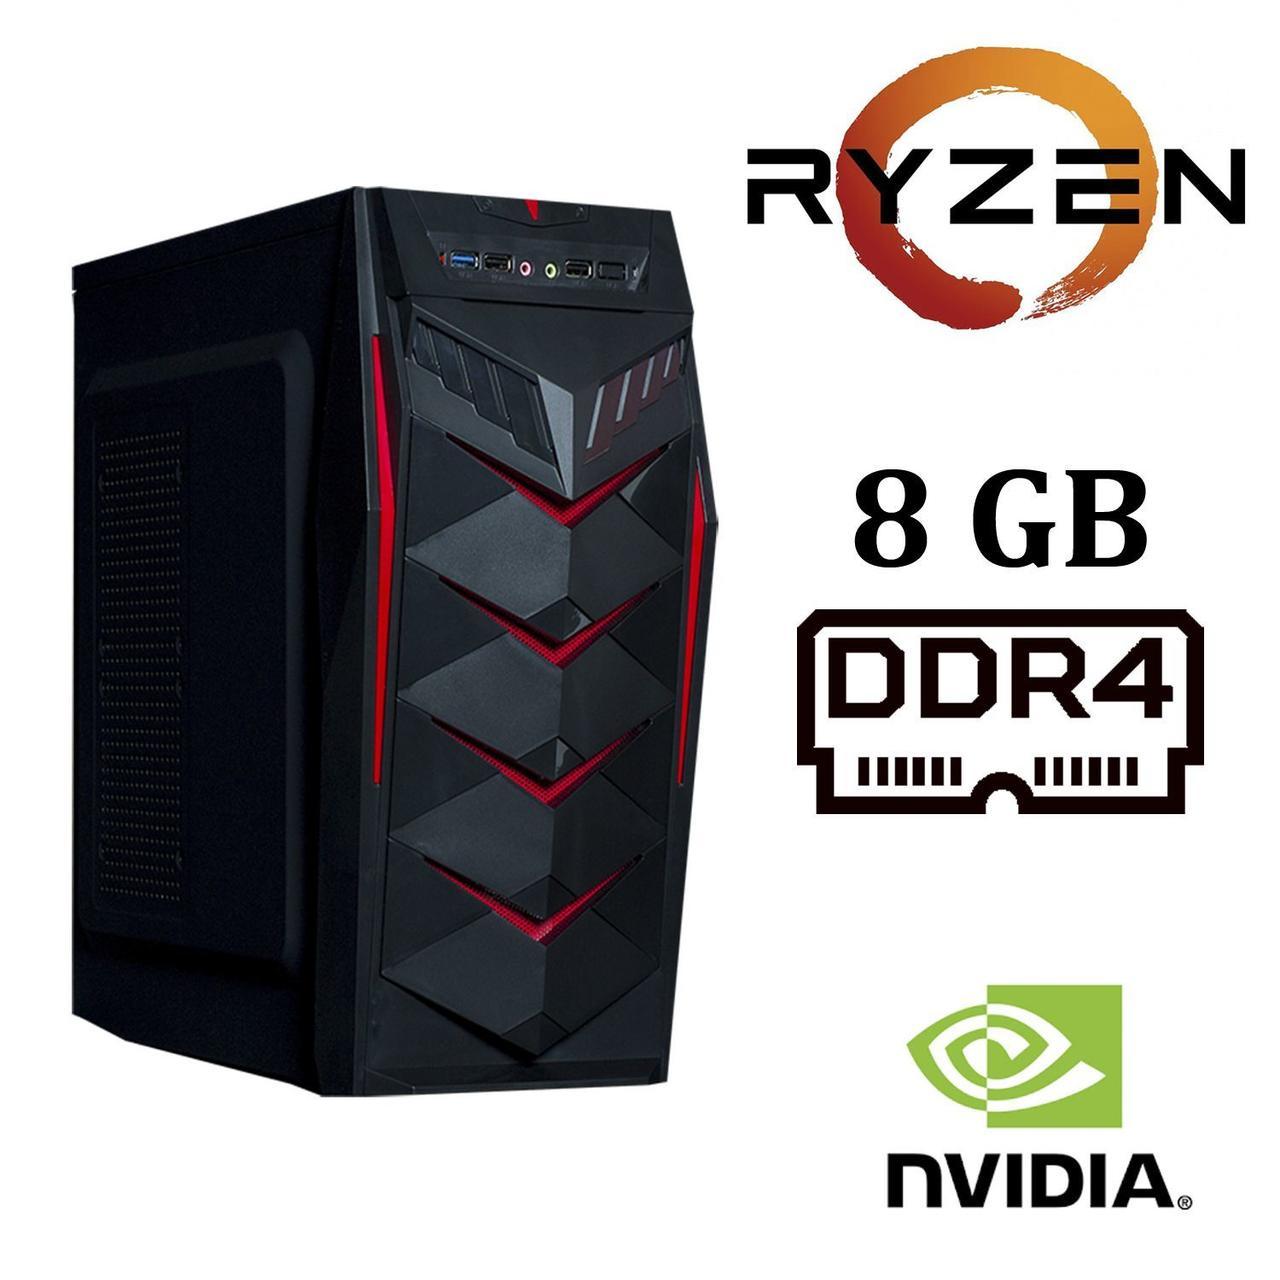 Frontier JUMBO MT / AMD Ryzen™ 3 1300X (4 ядра по 3.5 - 3.7 GHz) / 8 GB DDR4 / 1000 GB HDD / nVidia GeForce GT 1030 (2GB GDDR5)